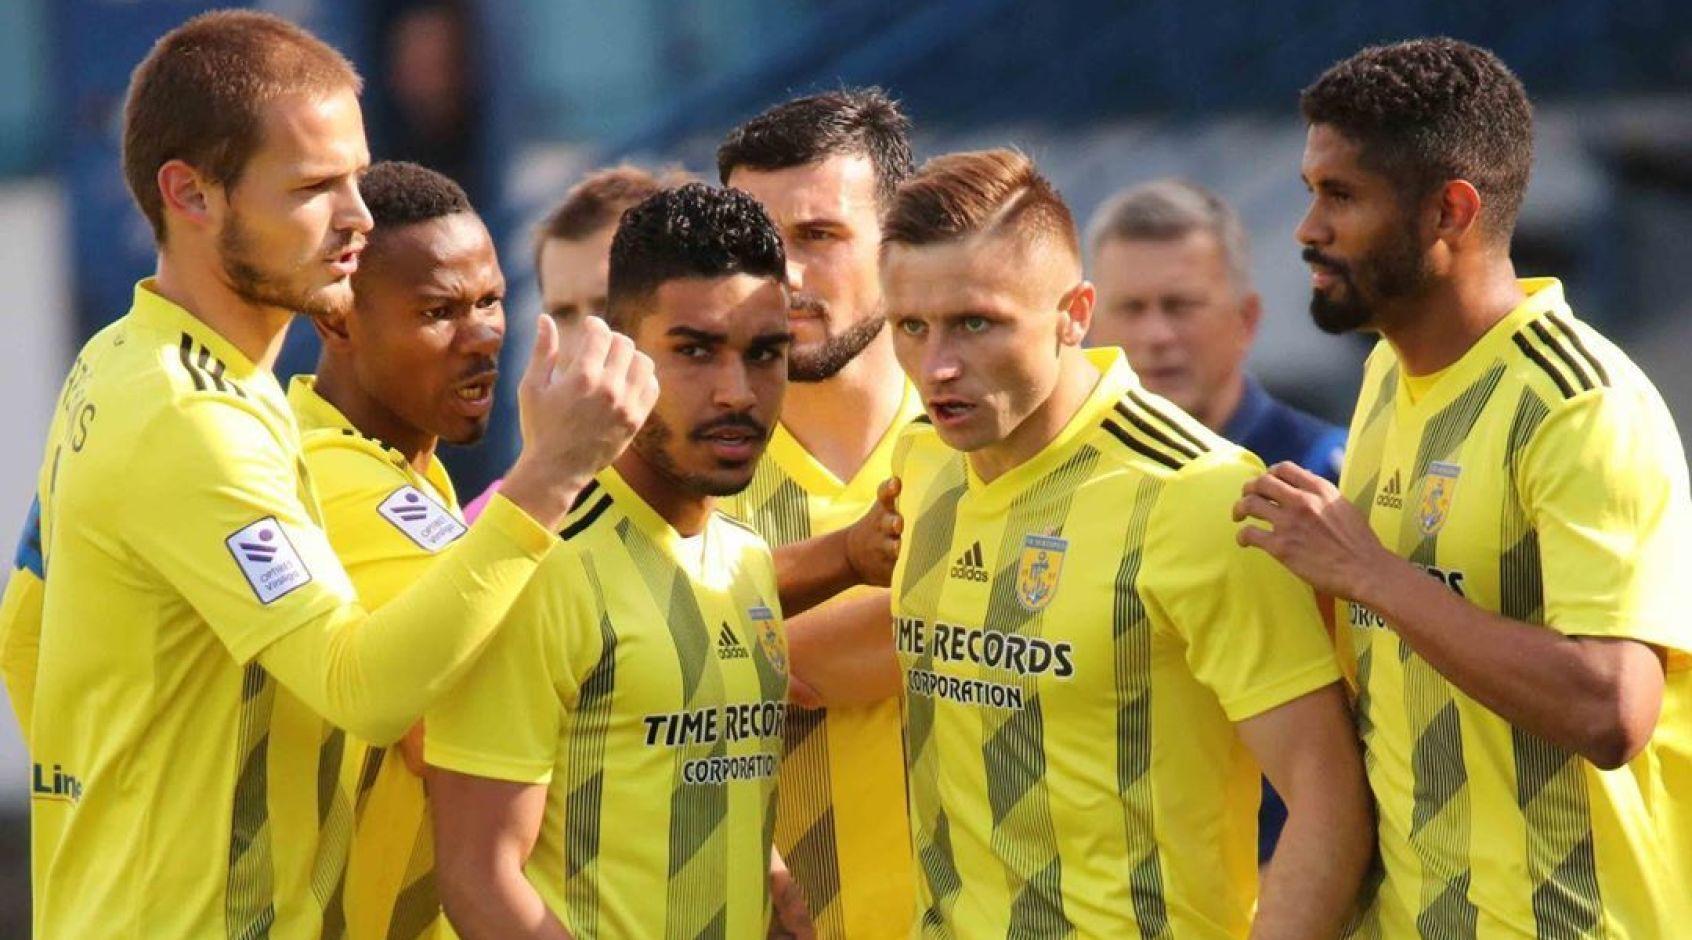 Украинцы в еврокубках: первый матч Петряка, дубль Эсеолы и дебютный гол Сергийчука (+Видео)